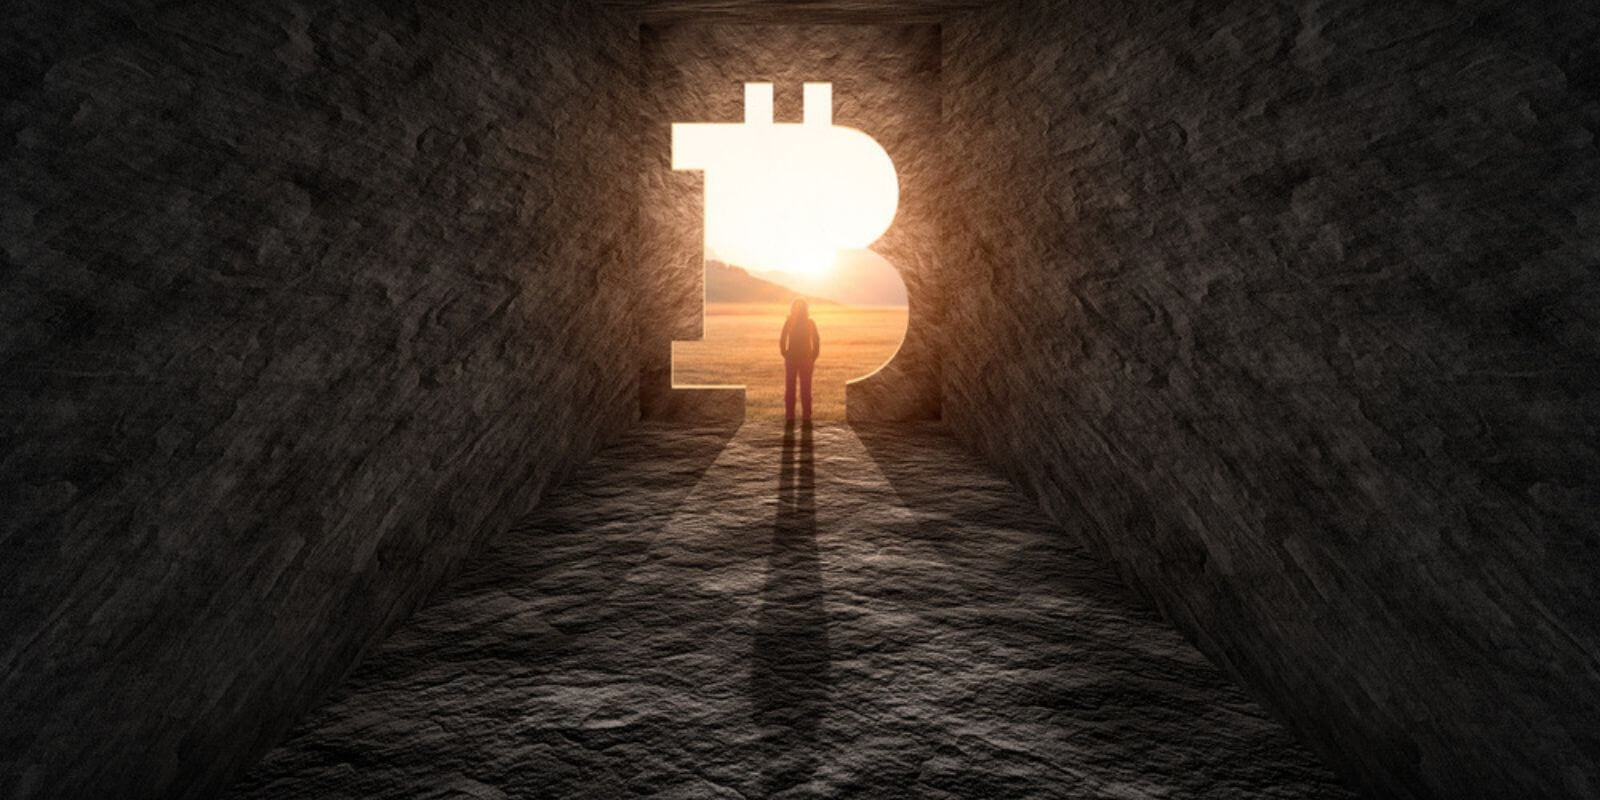 Une grotte avec le symbole Bitcoin